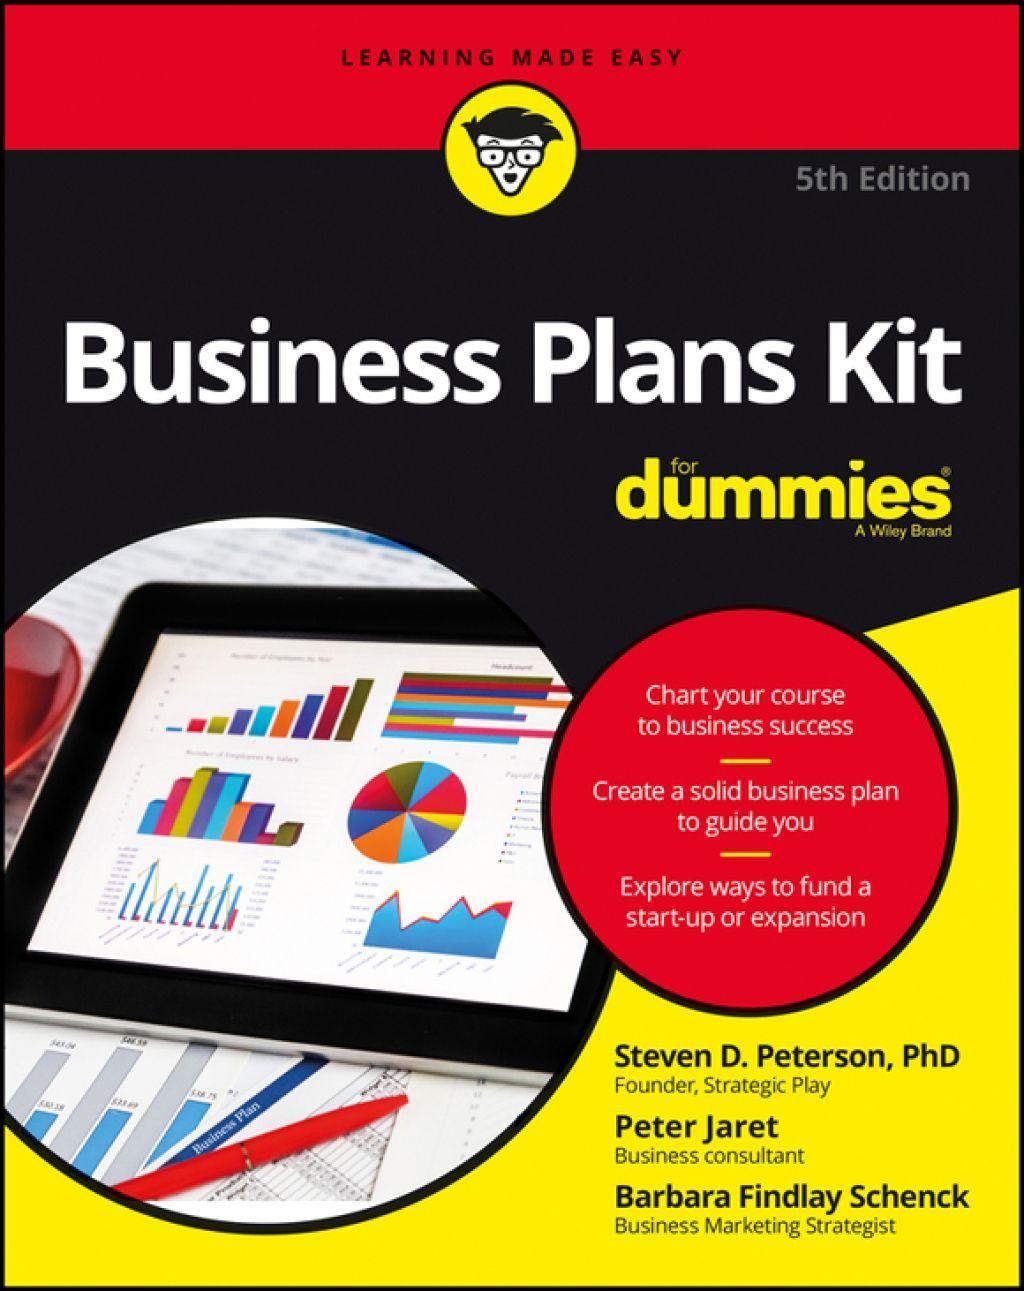 Business Dummies EBook Kit Plans Business Plans Kit